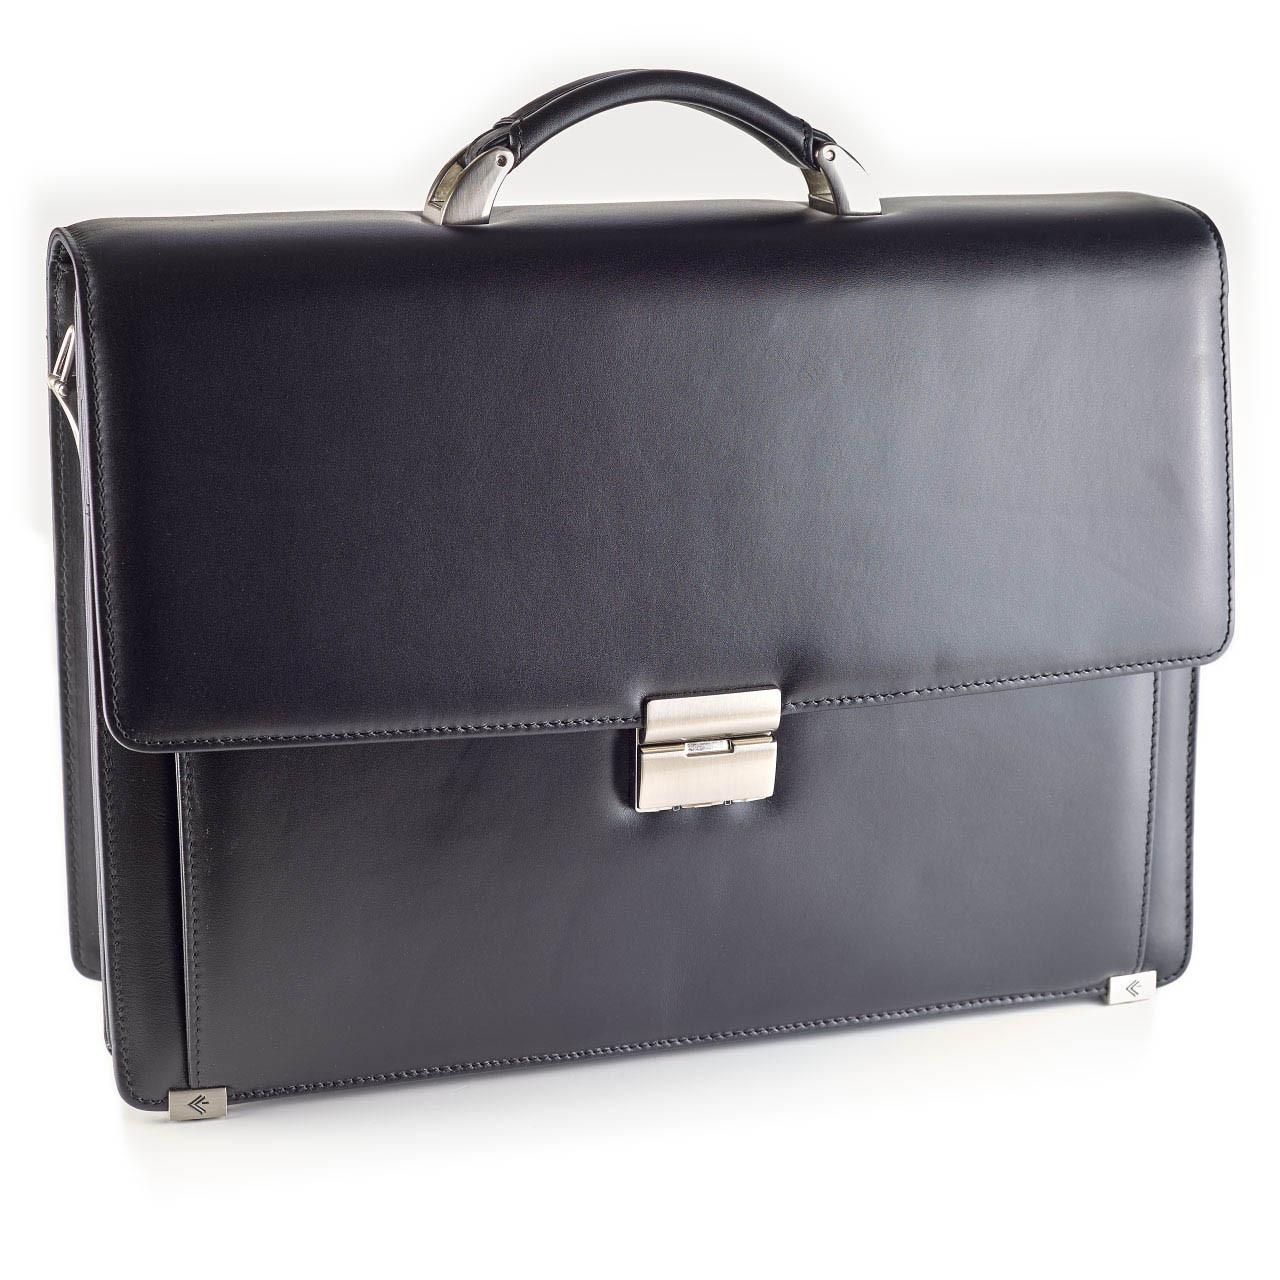 Кожаный портфель мужской Eminsa 7051-20-1 большой черный